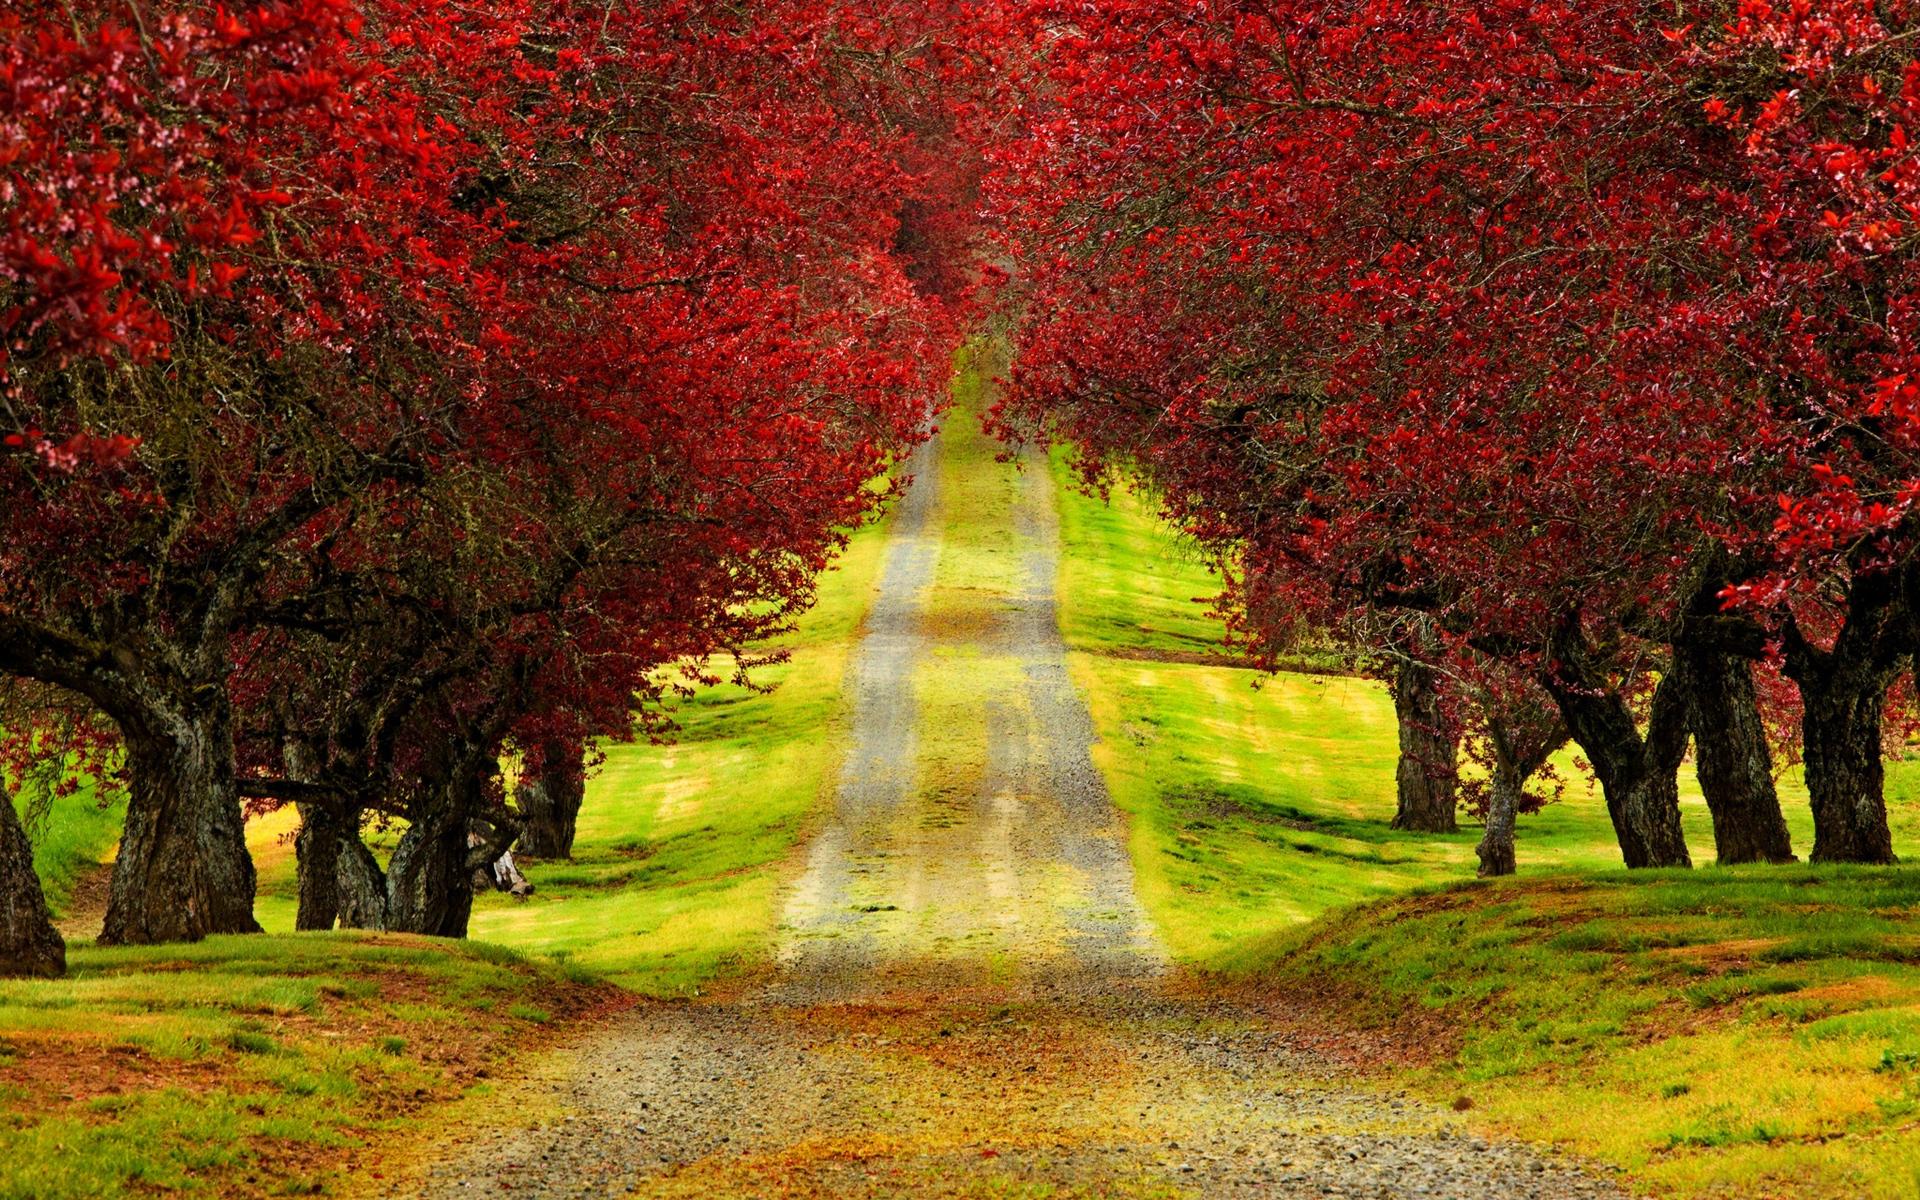 Free Download Trees Autumn Road Beautiful Hd Wallpaper 3d Hd